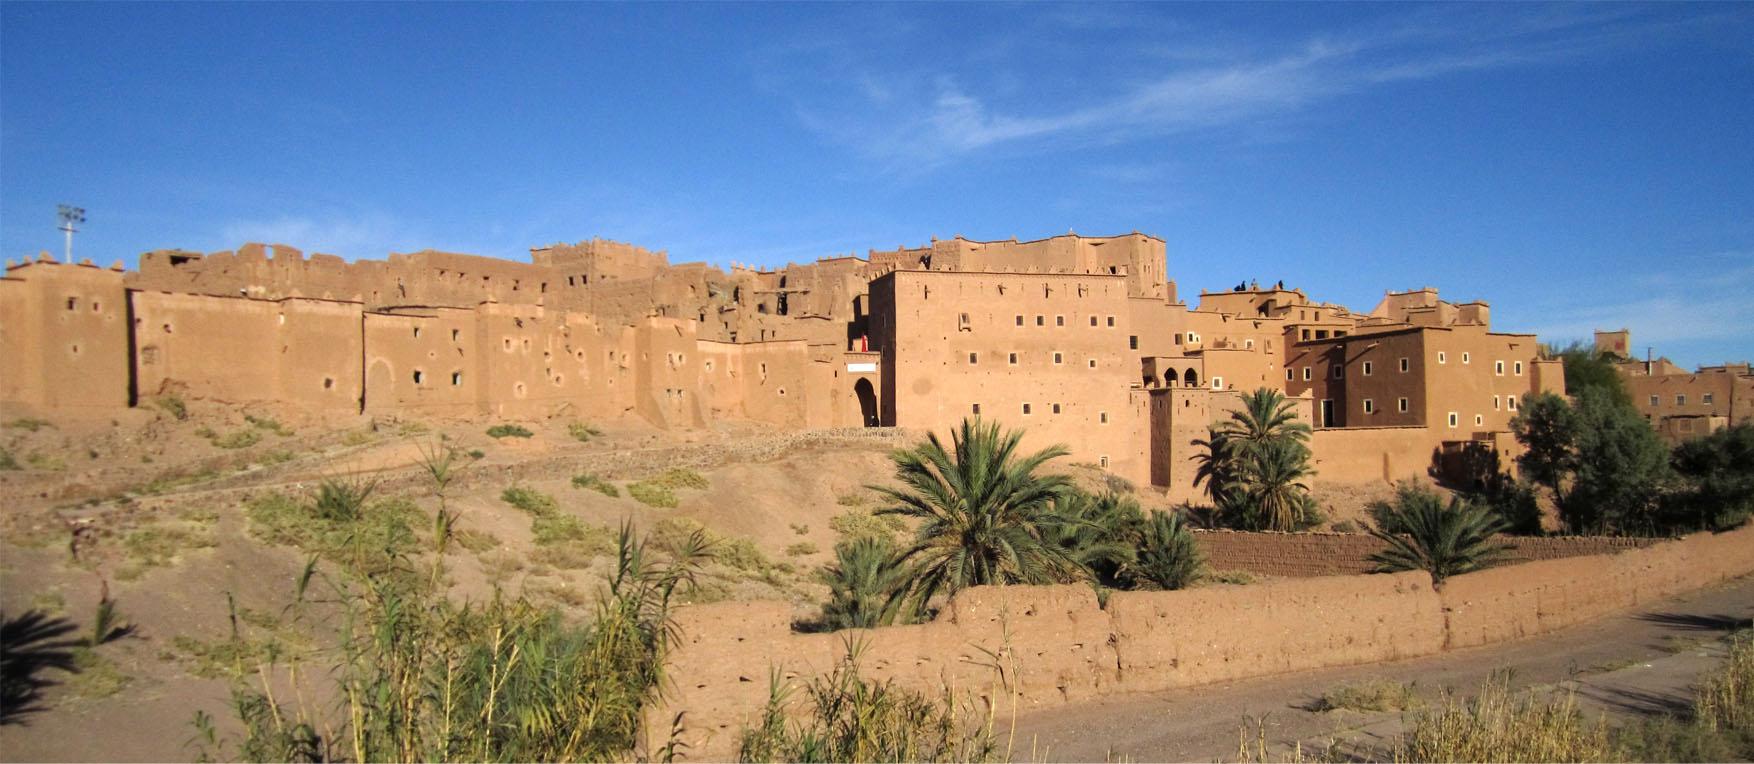 11 maroko ouarzazate kazba